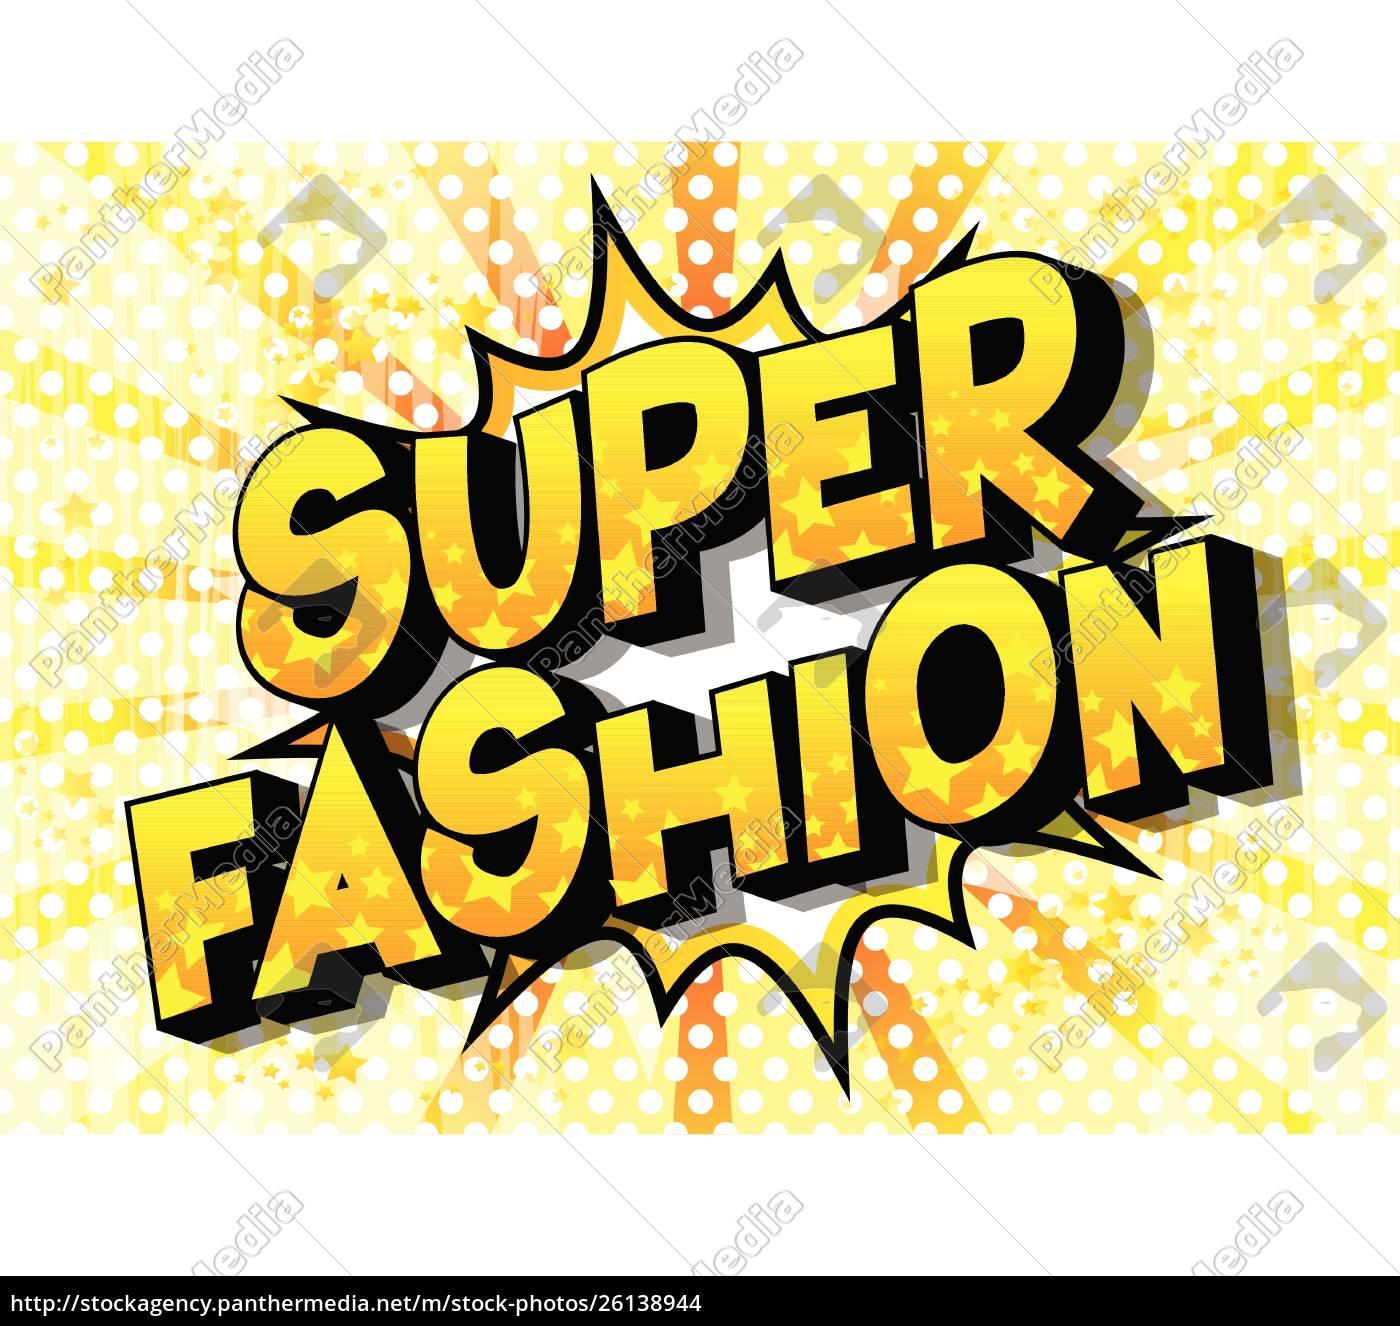 super, fashion, -, comic, book, style - 26138944